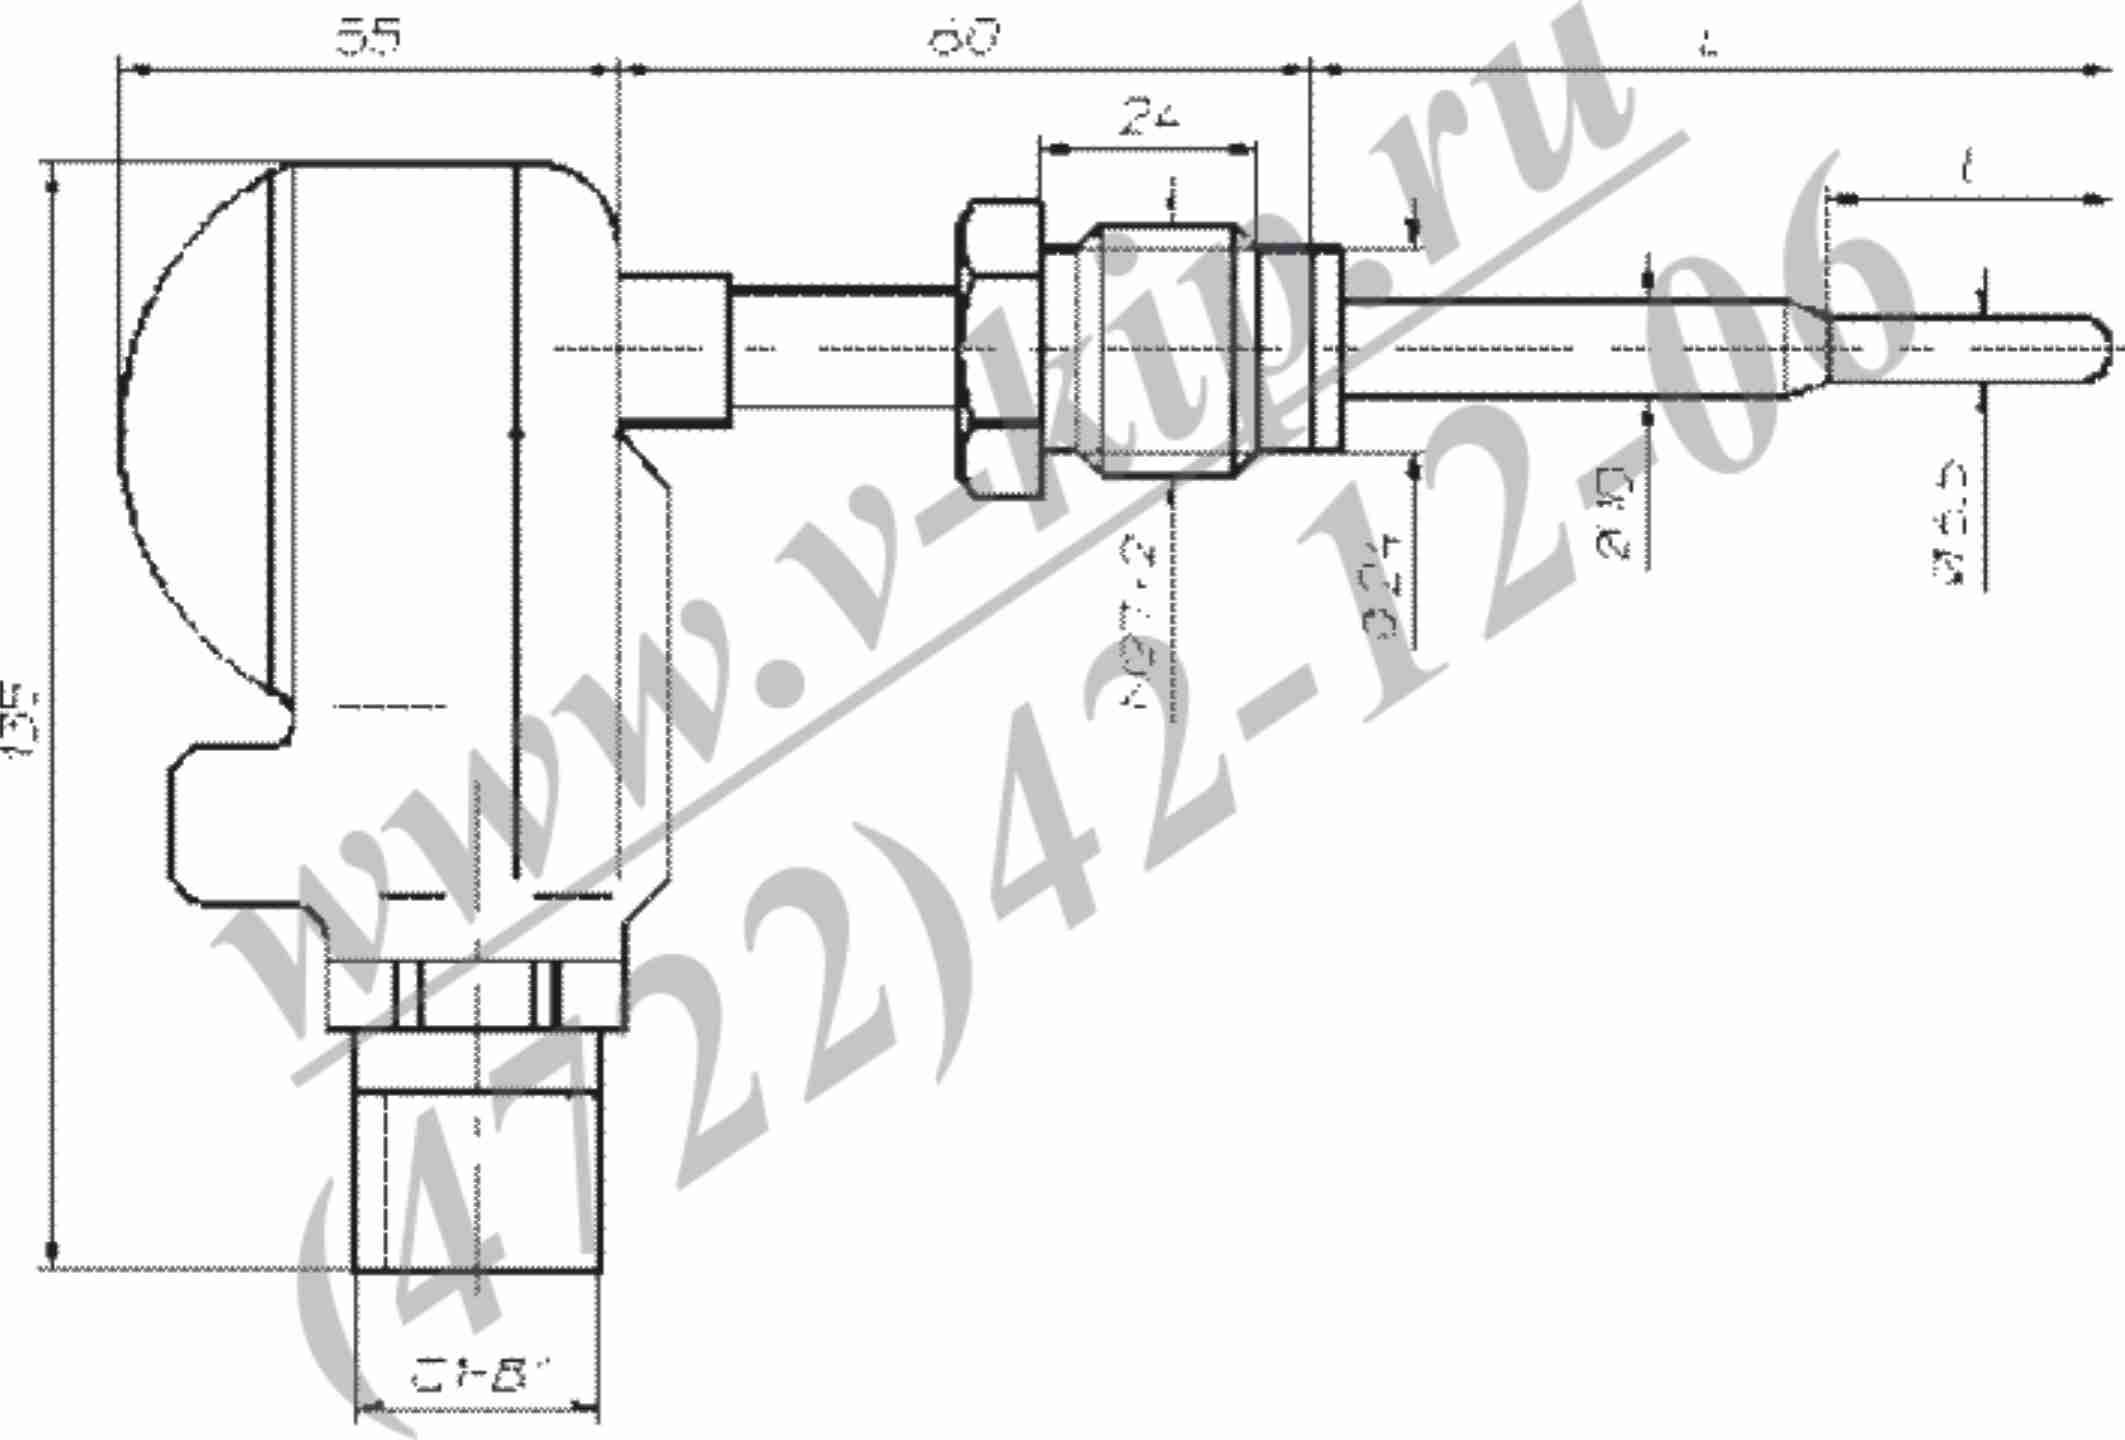 ТСП-0989Р, ТСМ-0989Р - габаритная схема